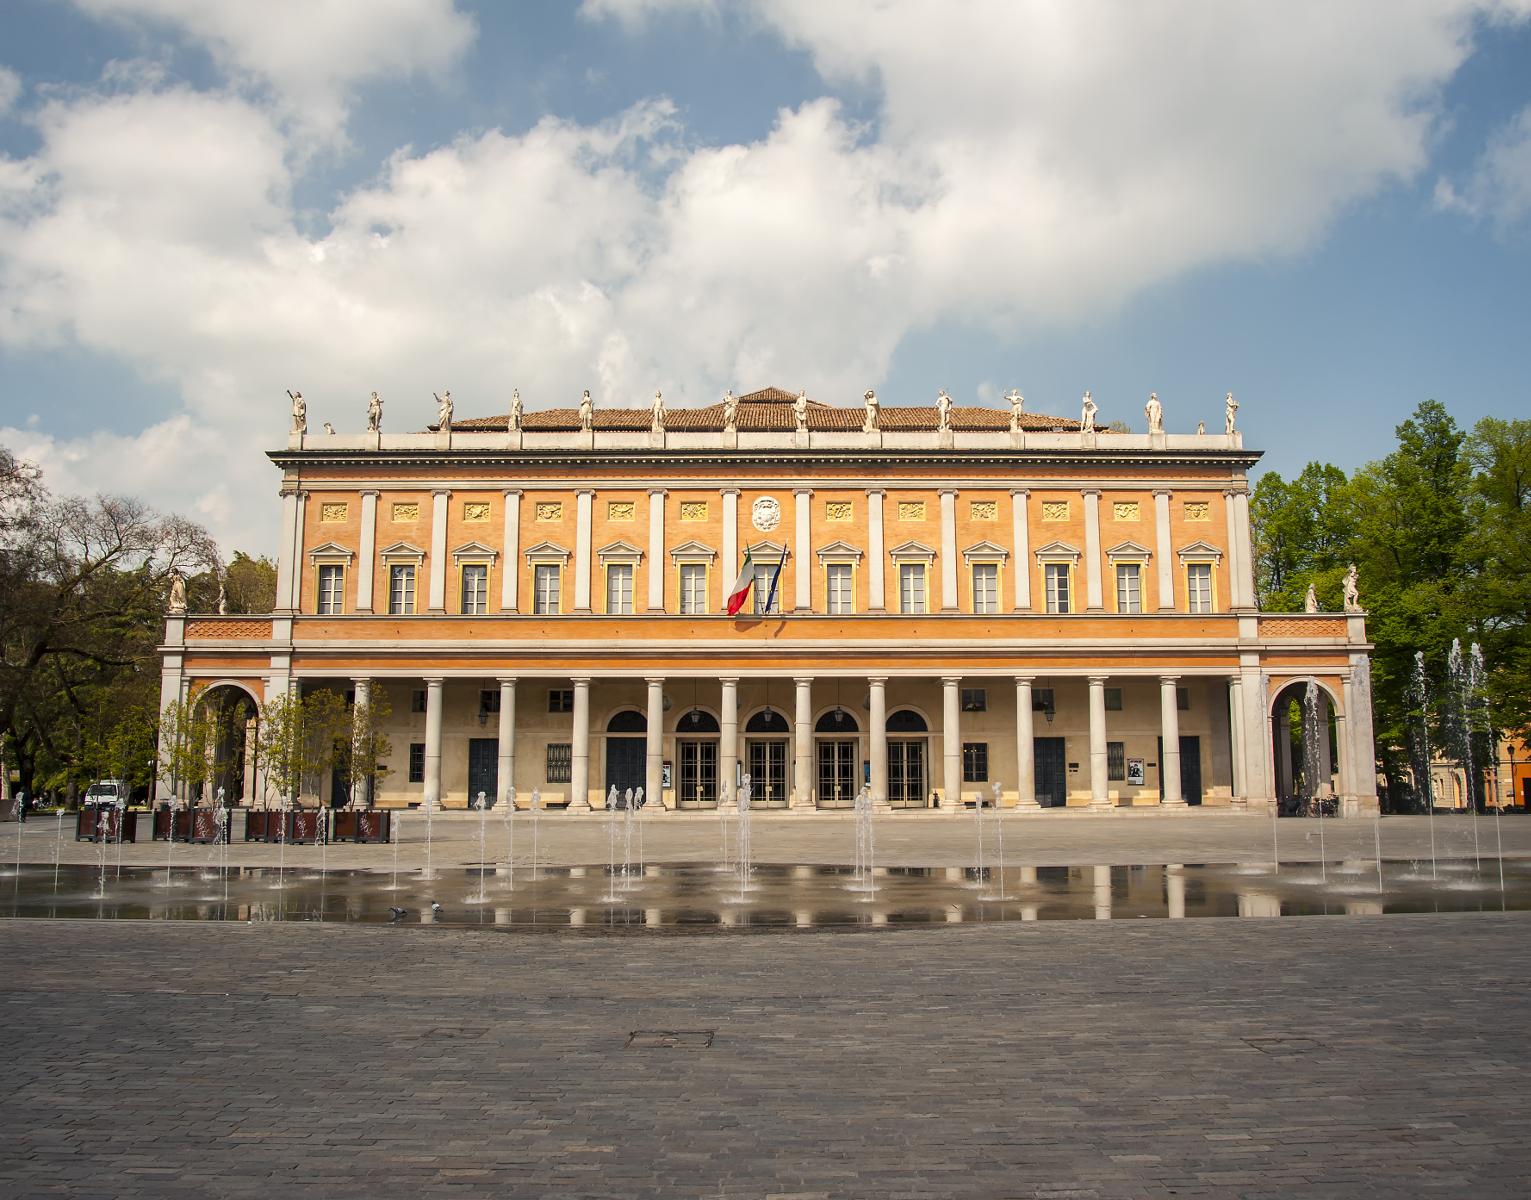 Servizi di Vigilanza a Reggio Emilia per Privati e Aziende